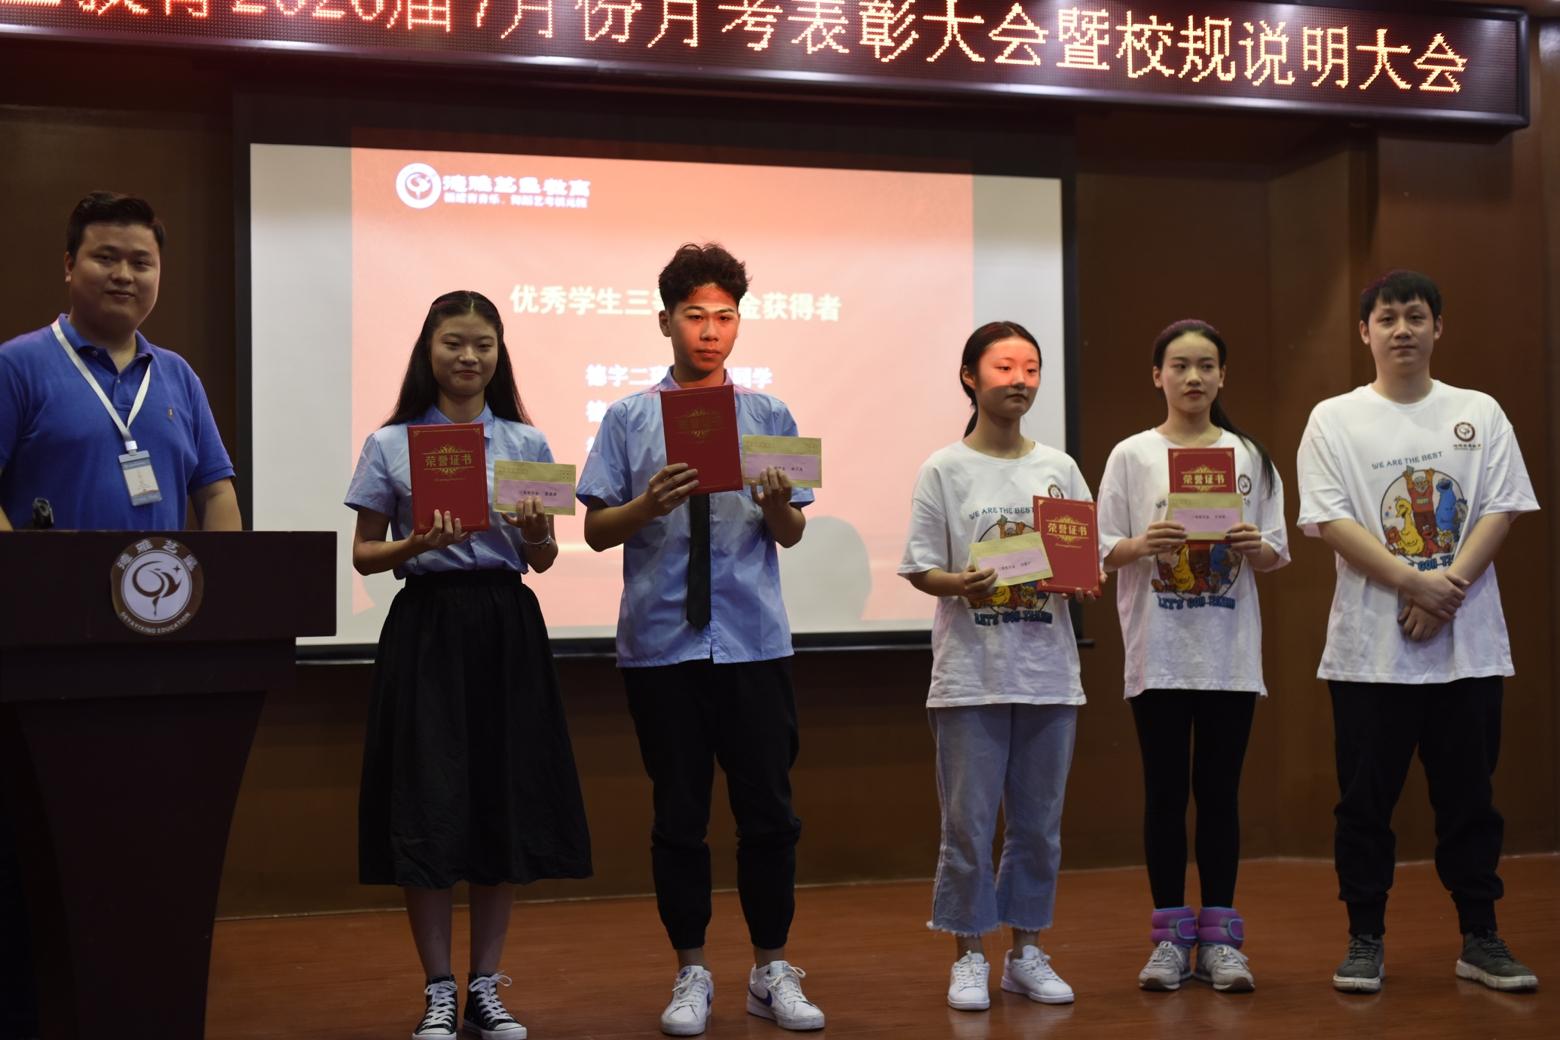 德雅艺星教育2020届7月份月考表彰大会暨校规说明大会